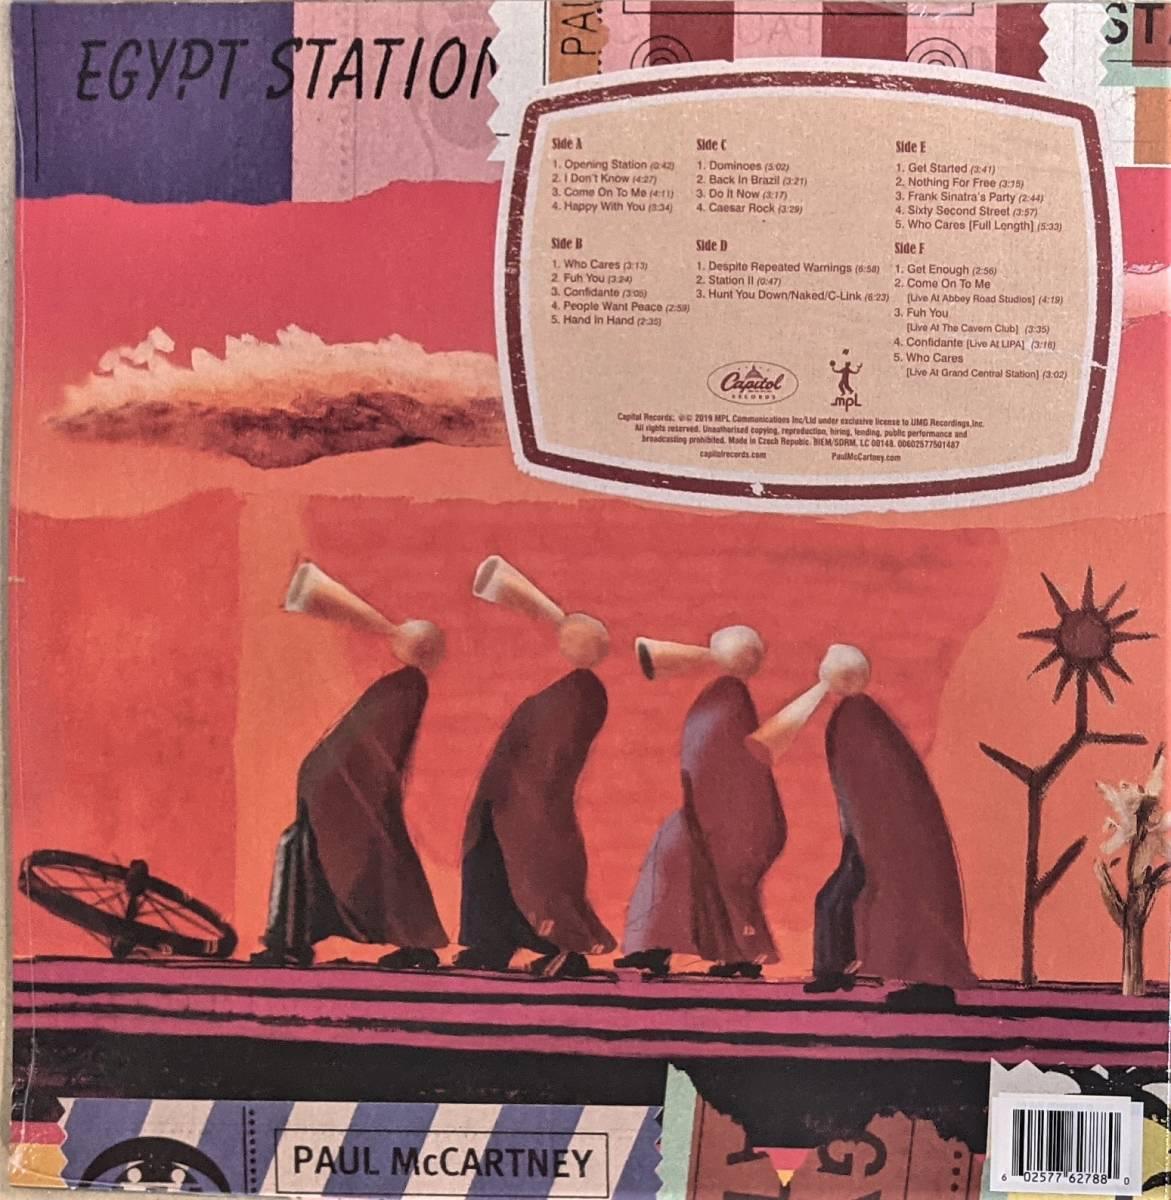 Paul McCartneyポール・マッカートニー -Egypt Station(Explorer's Edition) 限定三枚組マジェンタ・パープル・カラー・アナログ・レコード